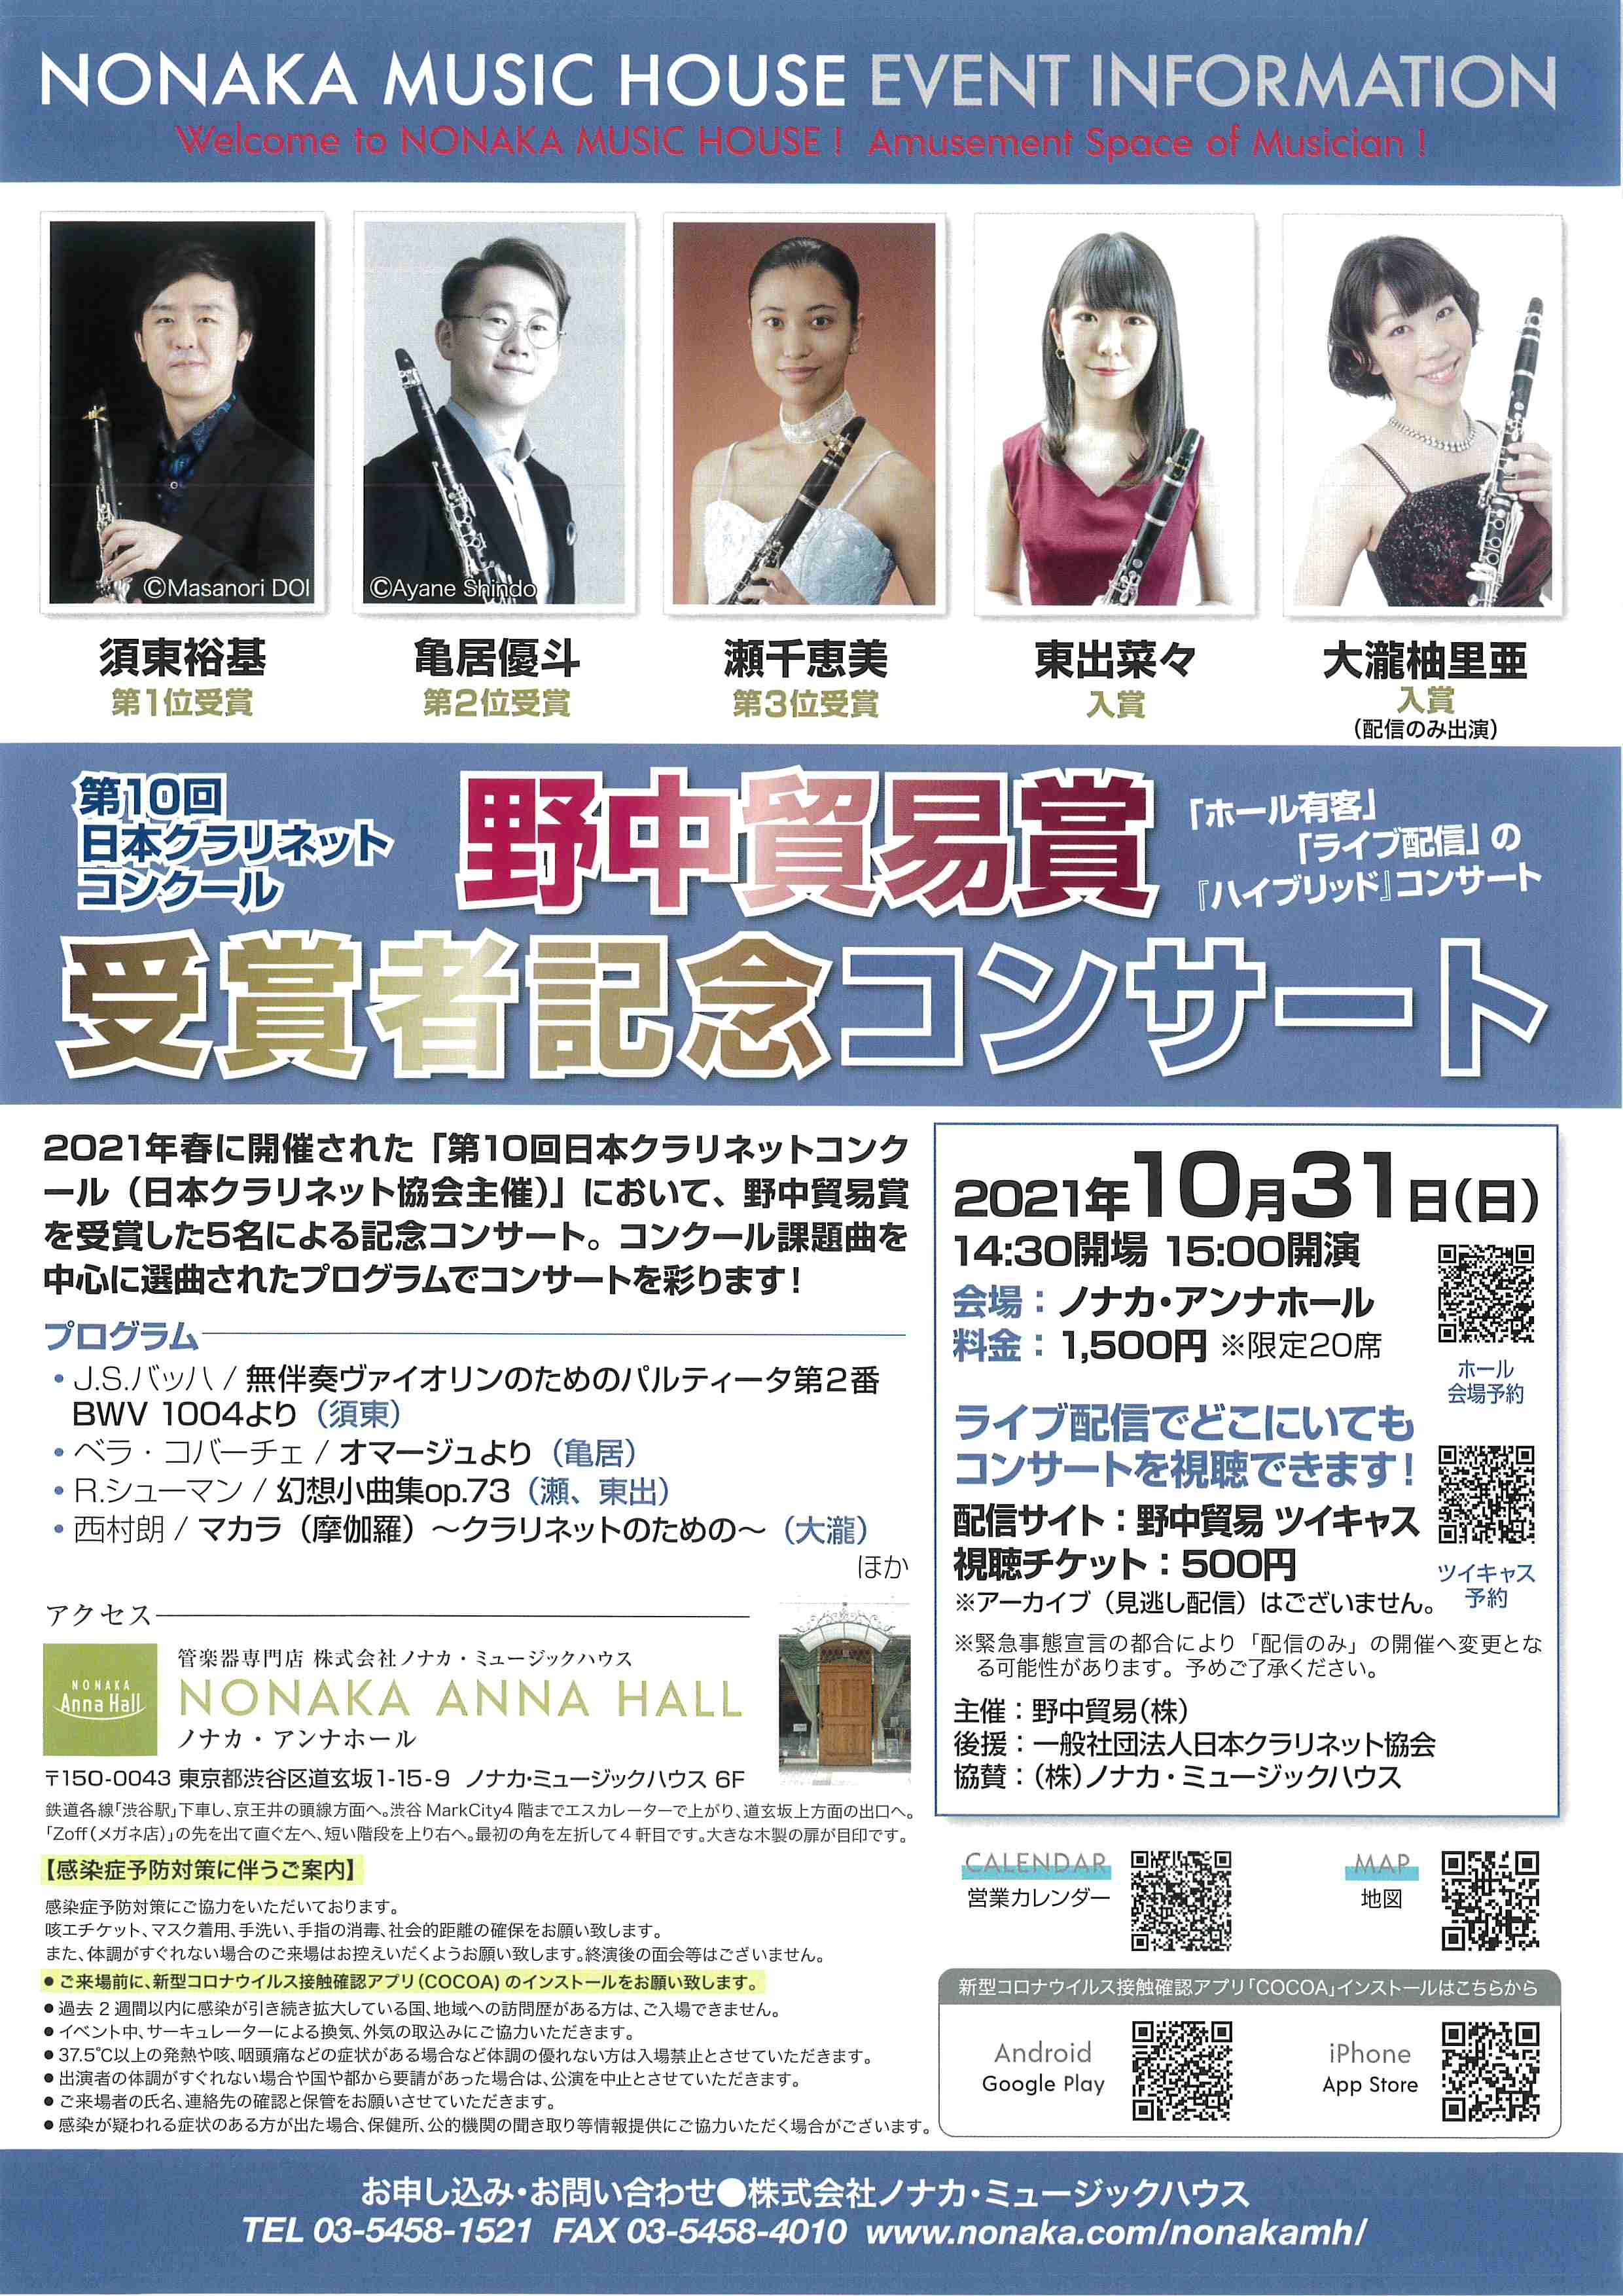 第10回 日本クラリネットコンクール 野中貿易賞 受賞者記念コンサート